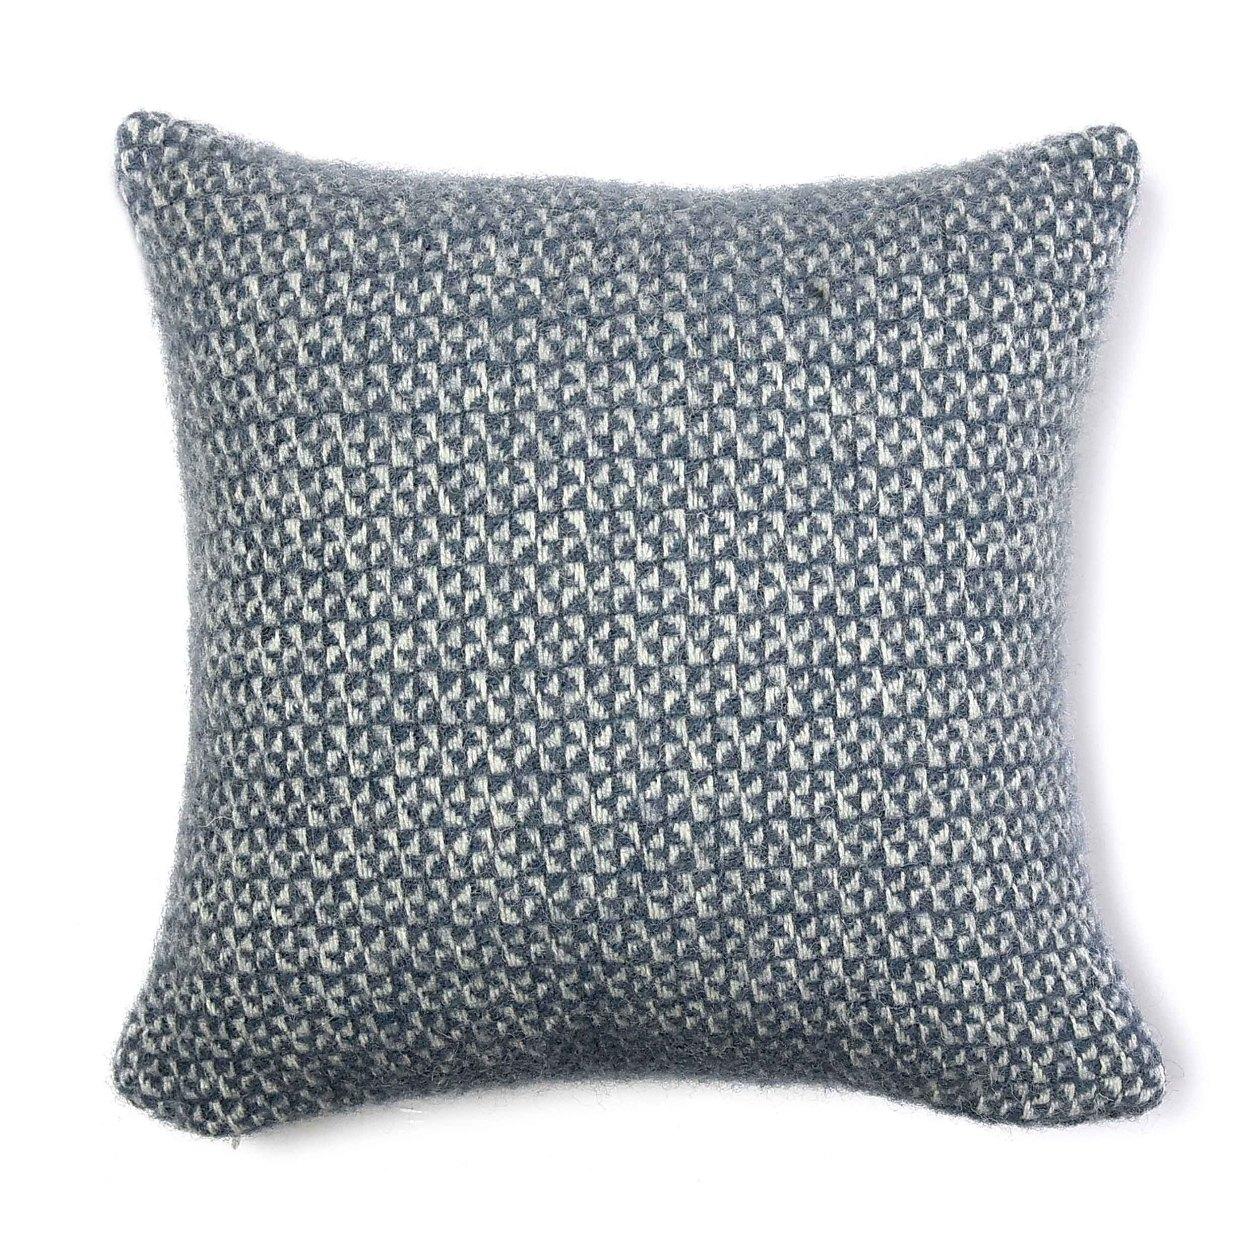 Cushions Illusion Blue Slate